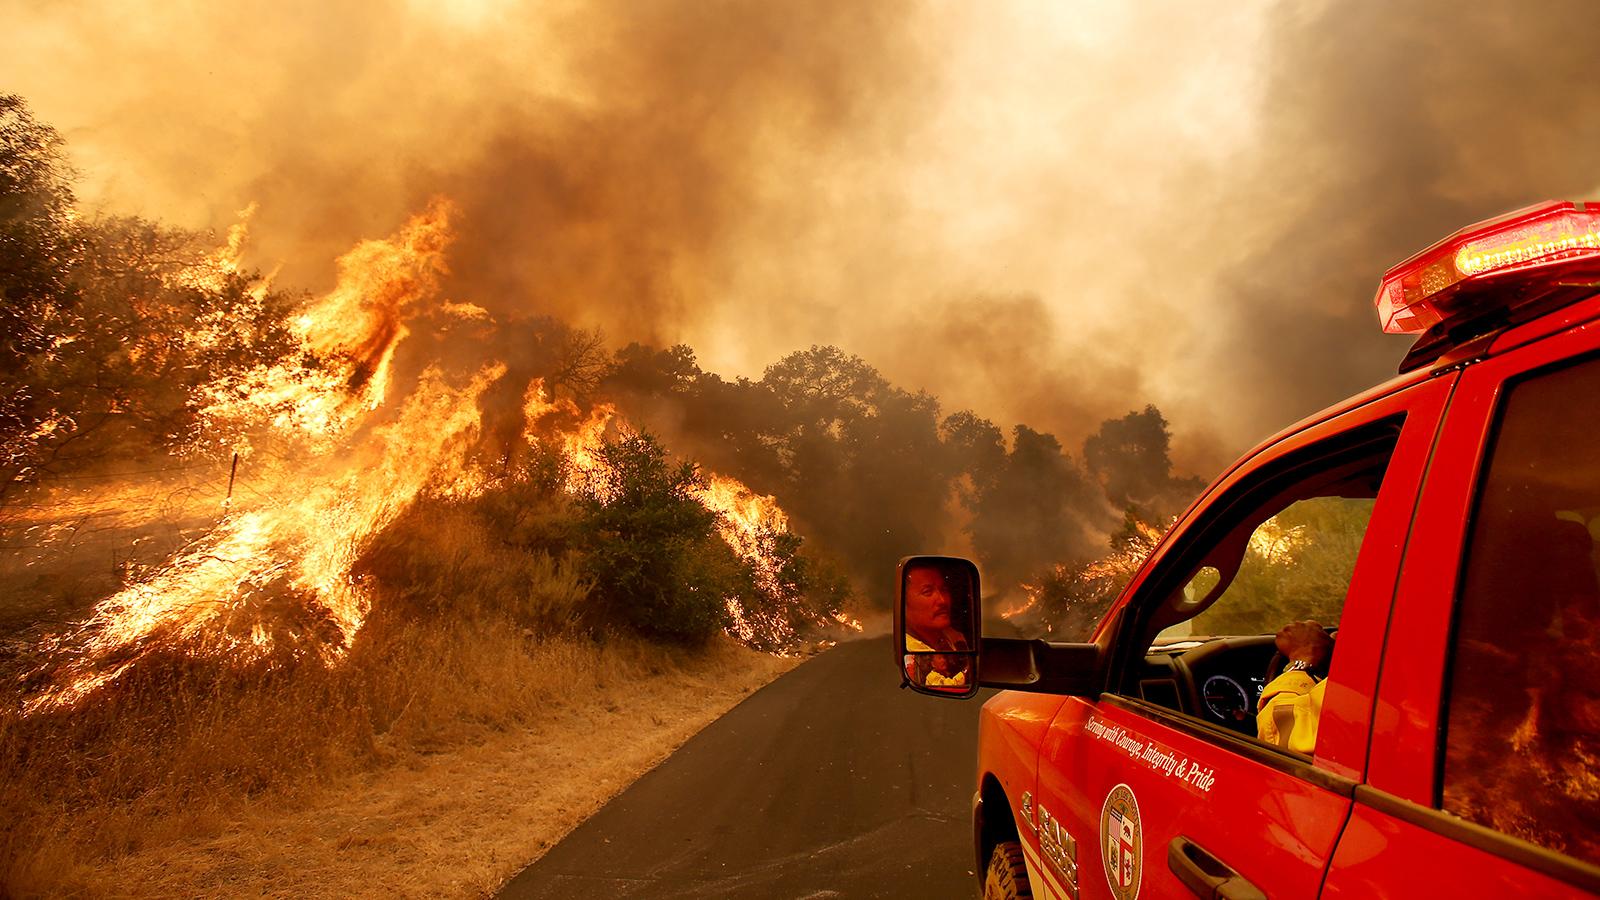 Blaze-y Days of Summer Return with Fires Threatening Mount Eden, Bien Nacido